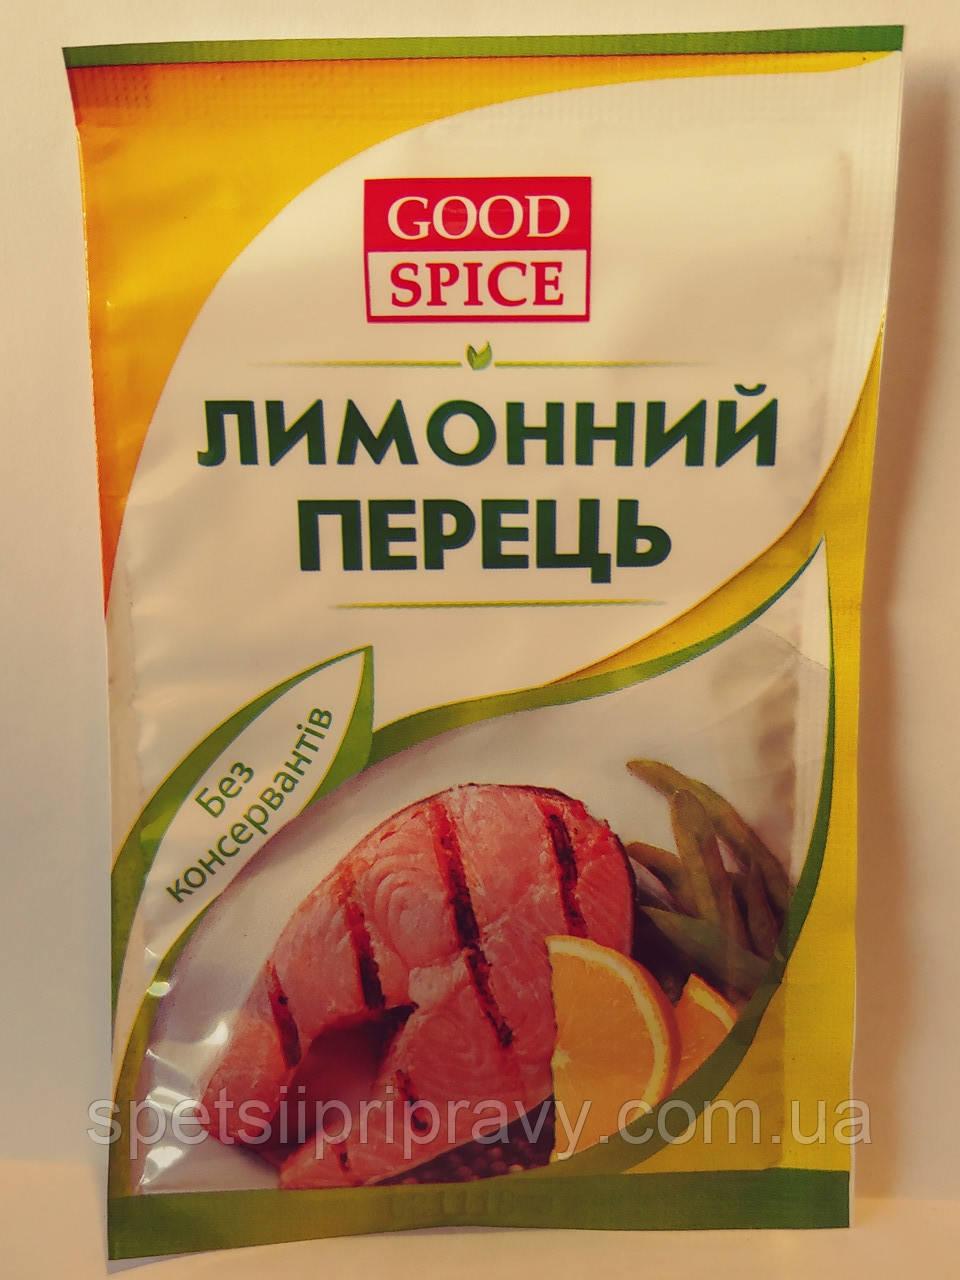 """Лимонный перец """"Good Spice"""" 20 г."""